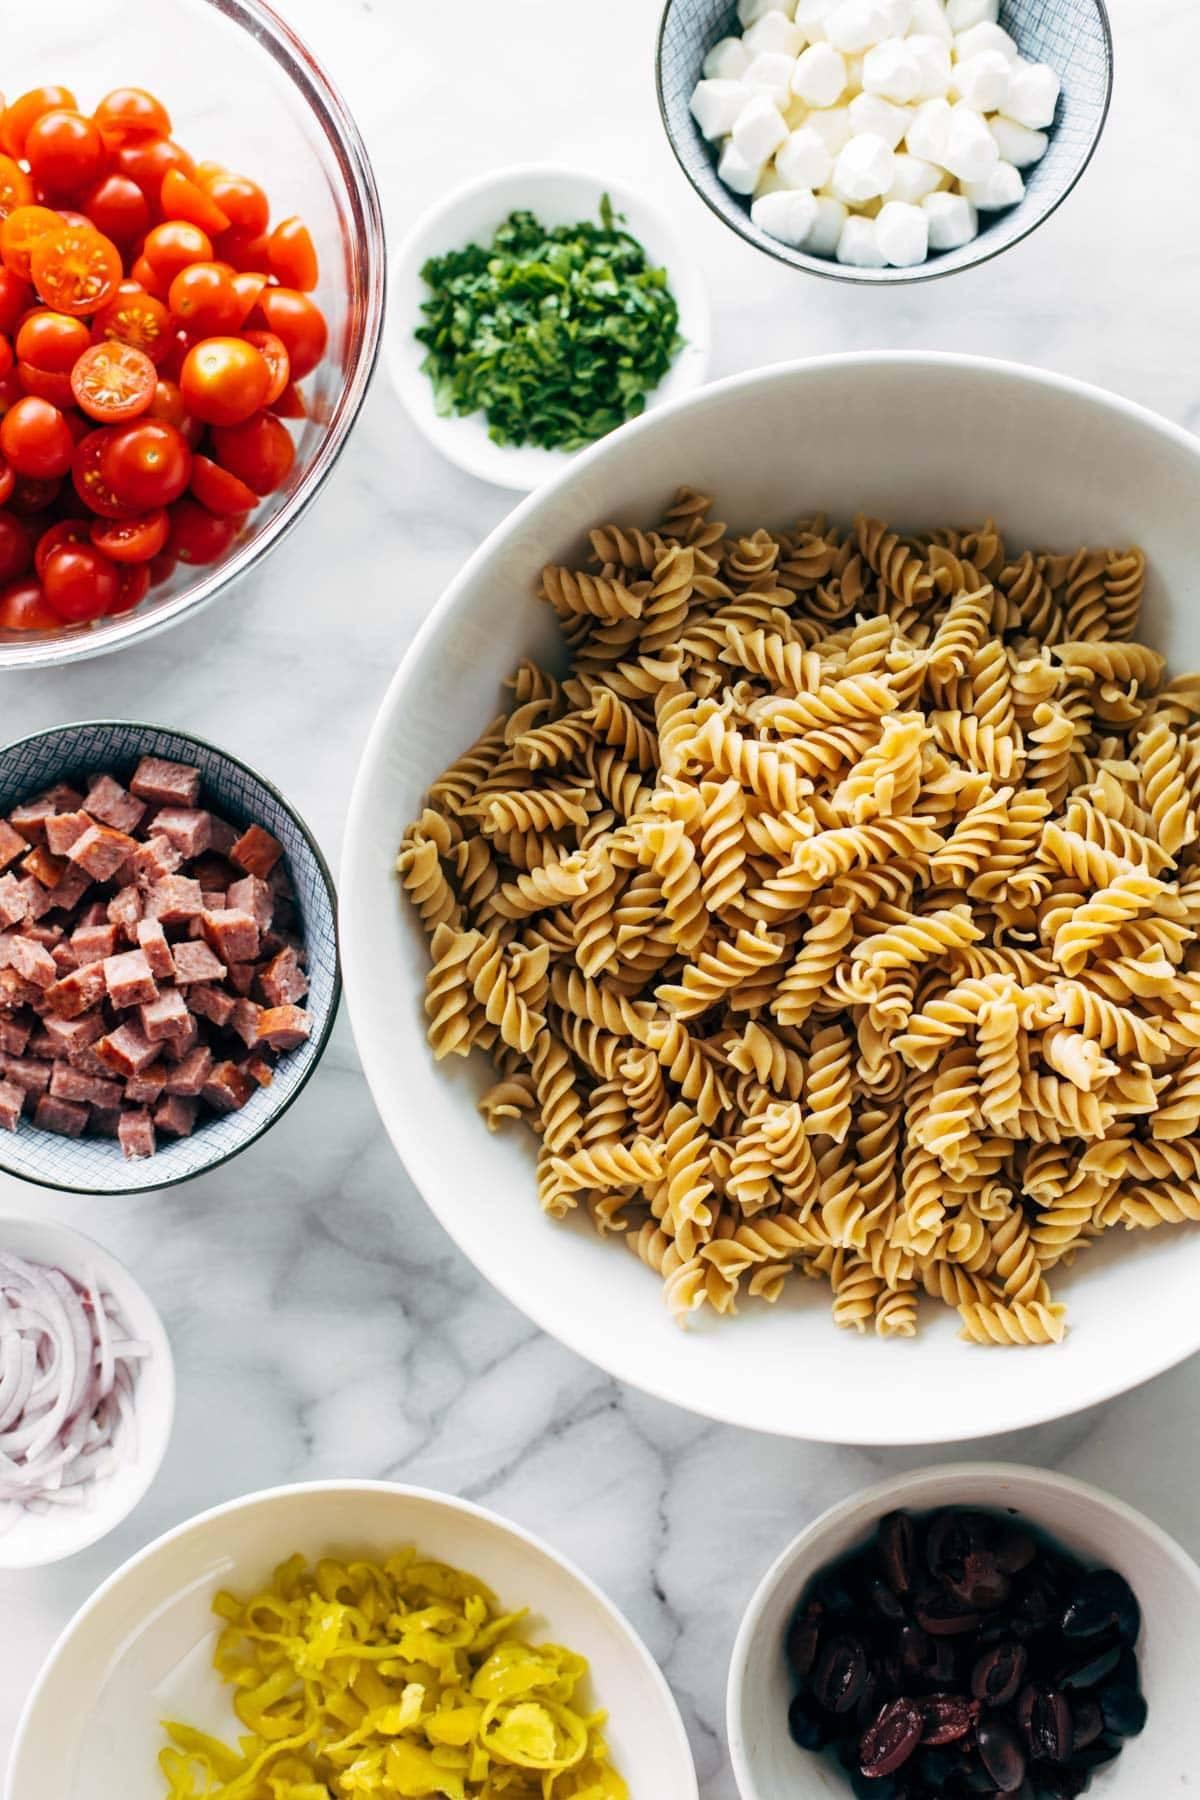 Ingrédients pour salade de pâtes dans des bols.